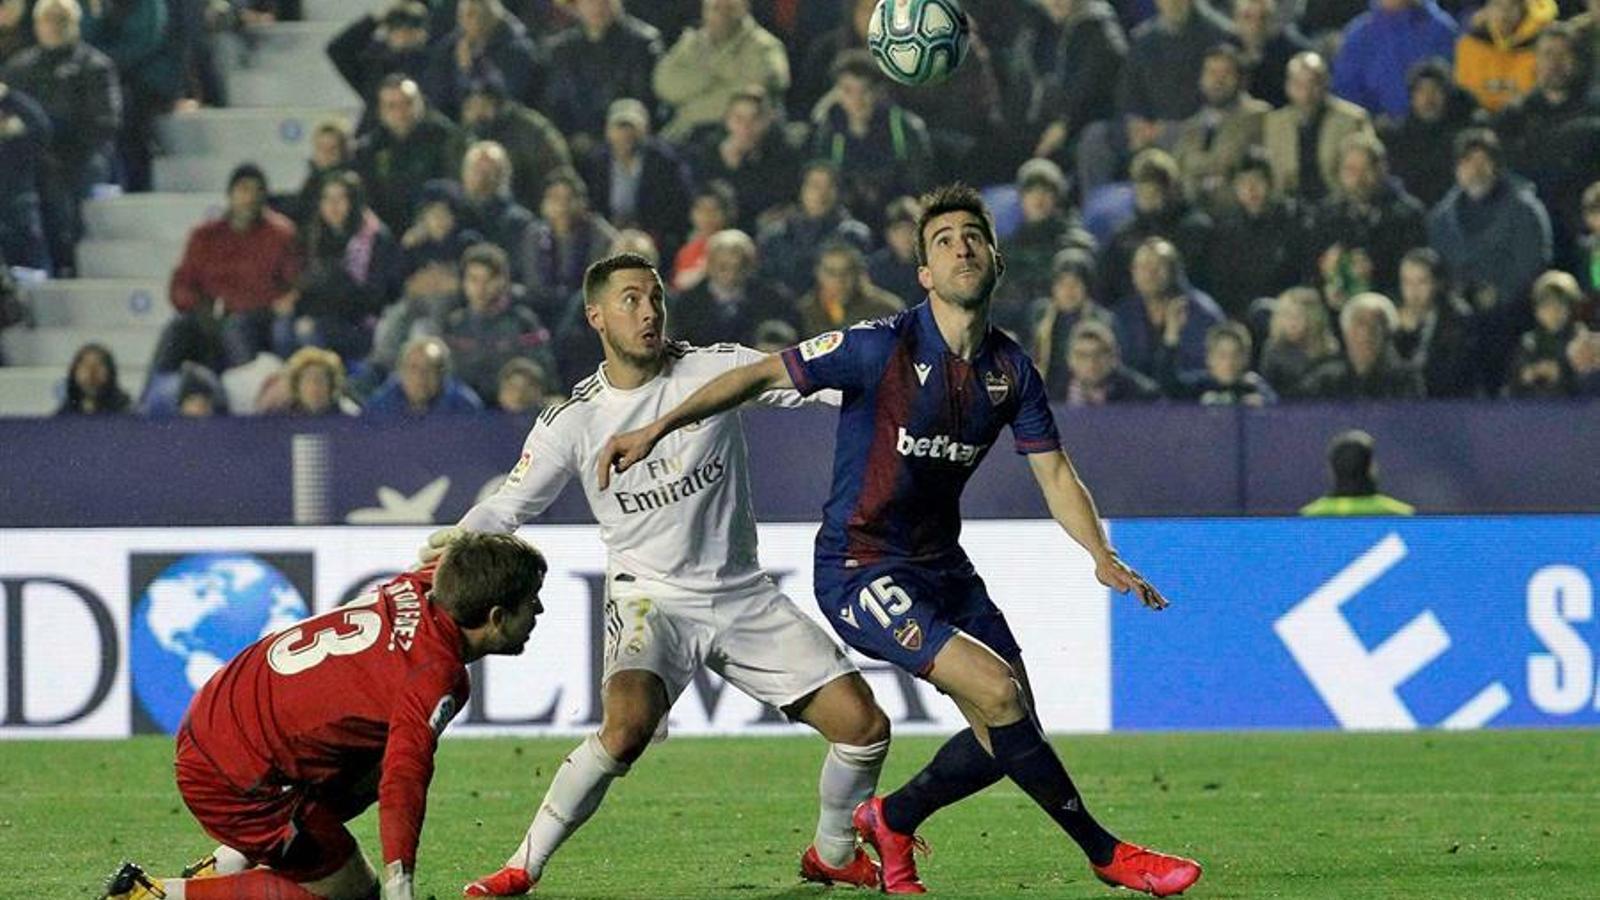 El Reial Madrid cau contra el Llevant i el Barça arribarà líder al Bernabéu (1-0)